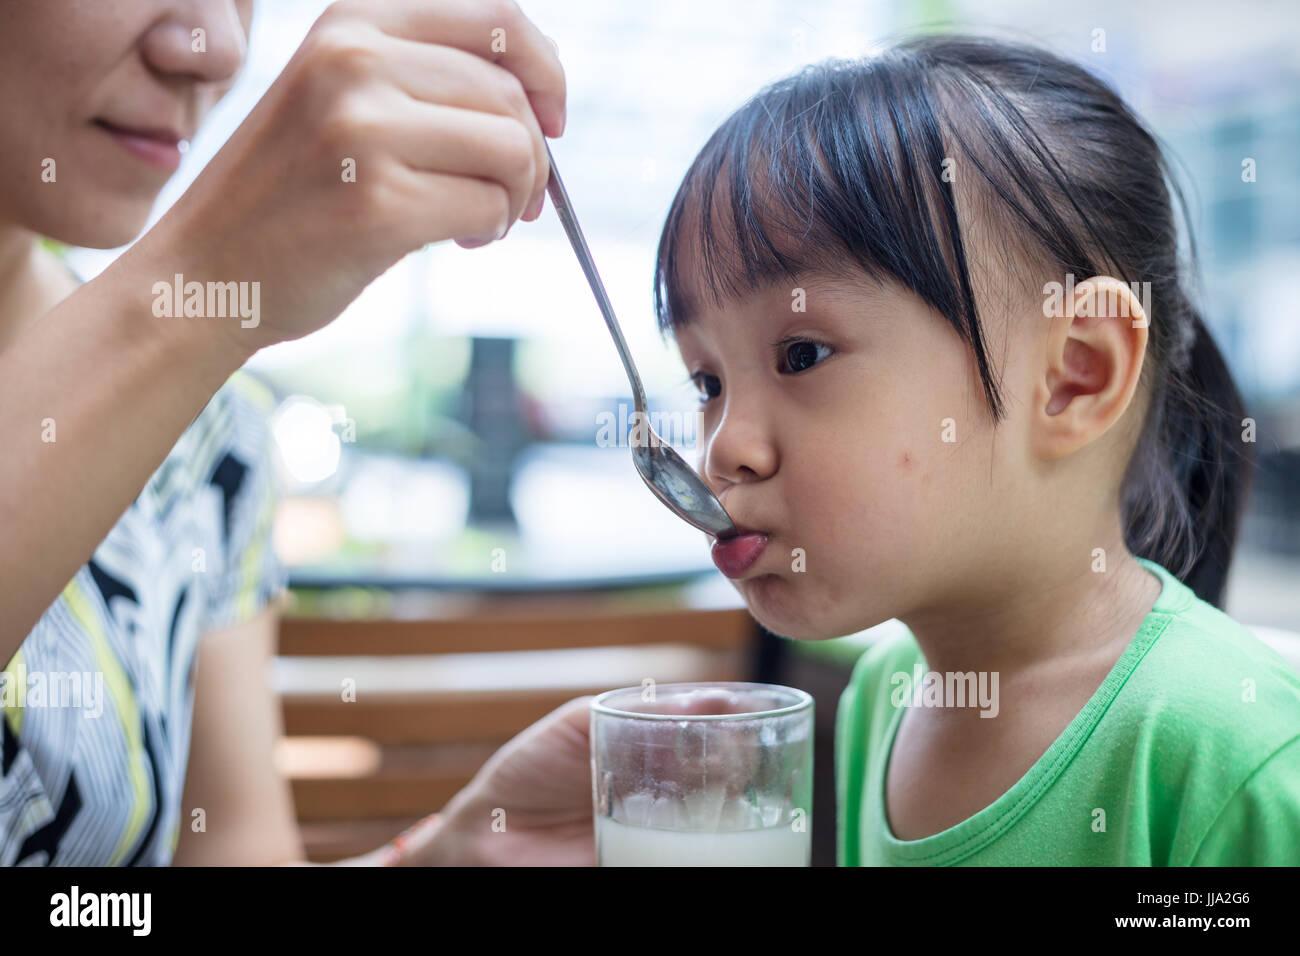 Cinese asiatici bambina di bere bevande al ristorante all'aperto Immagini Stock